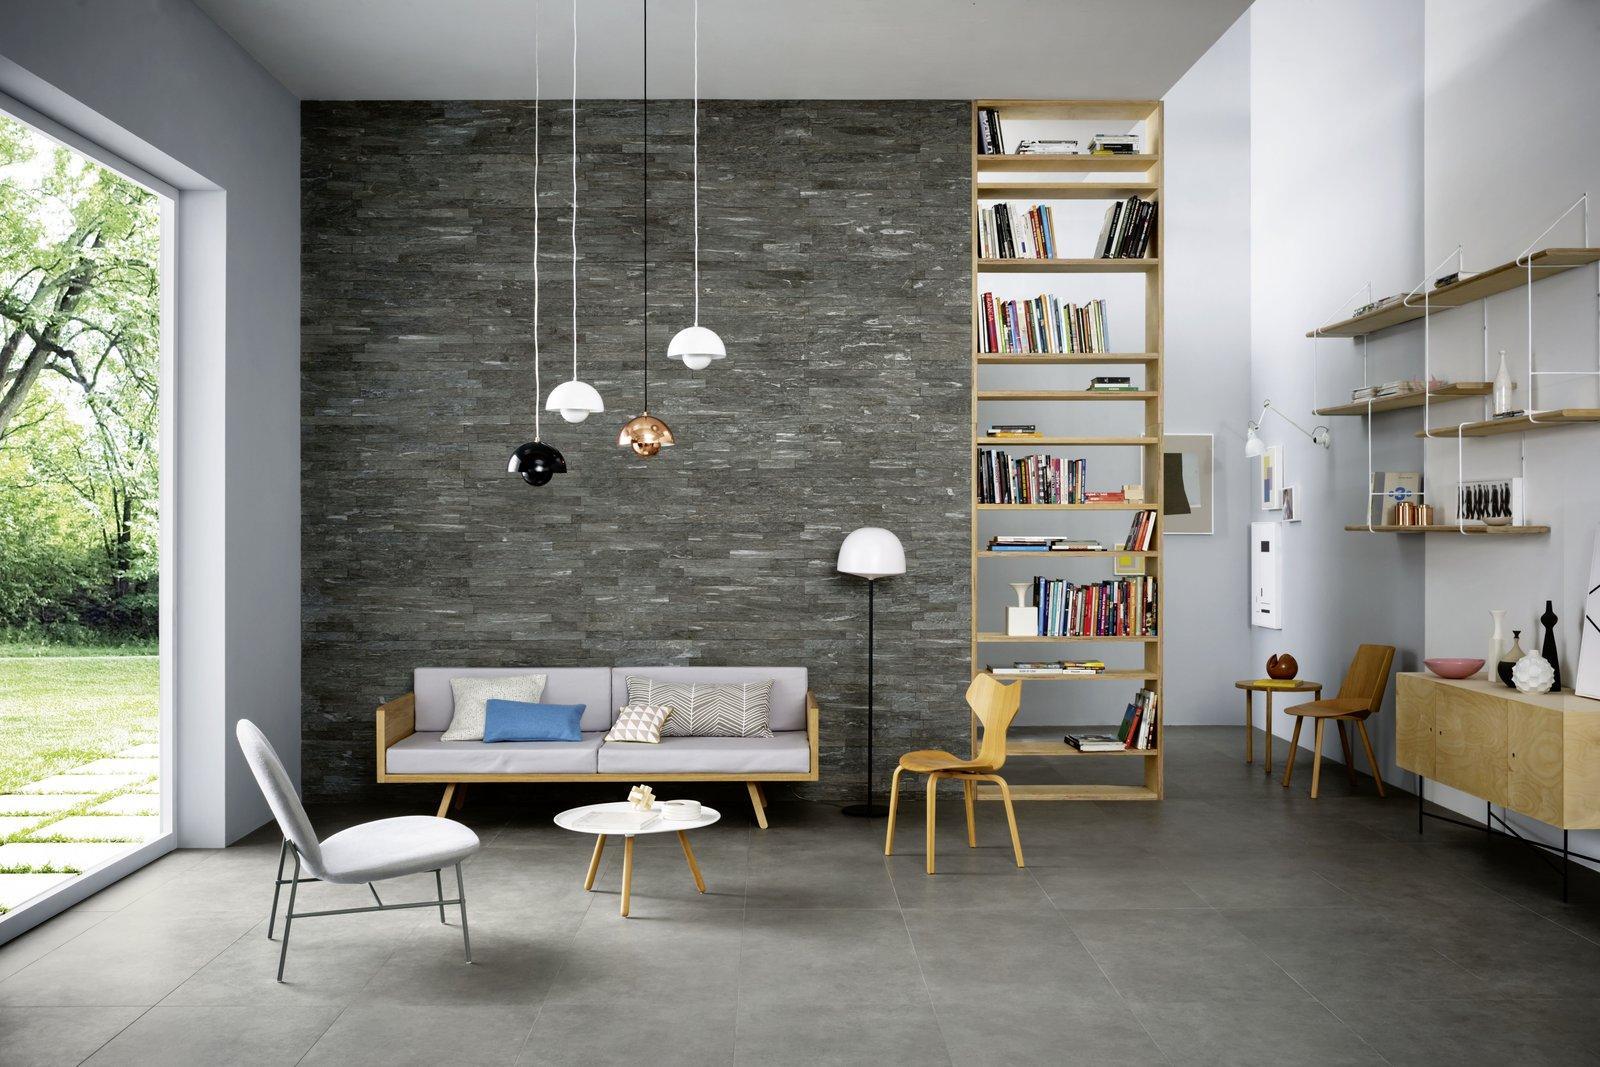 Paredes en piedras para interiores minimal marazzi for Paredes de piedra para interiores